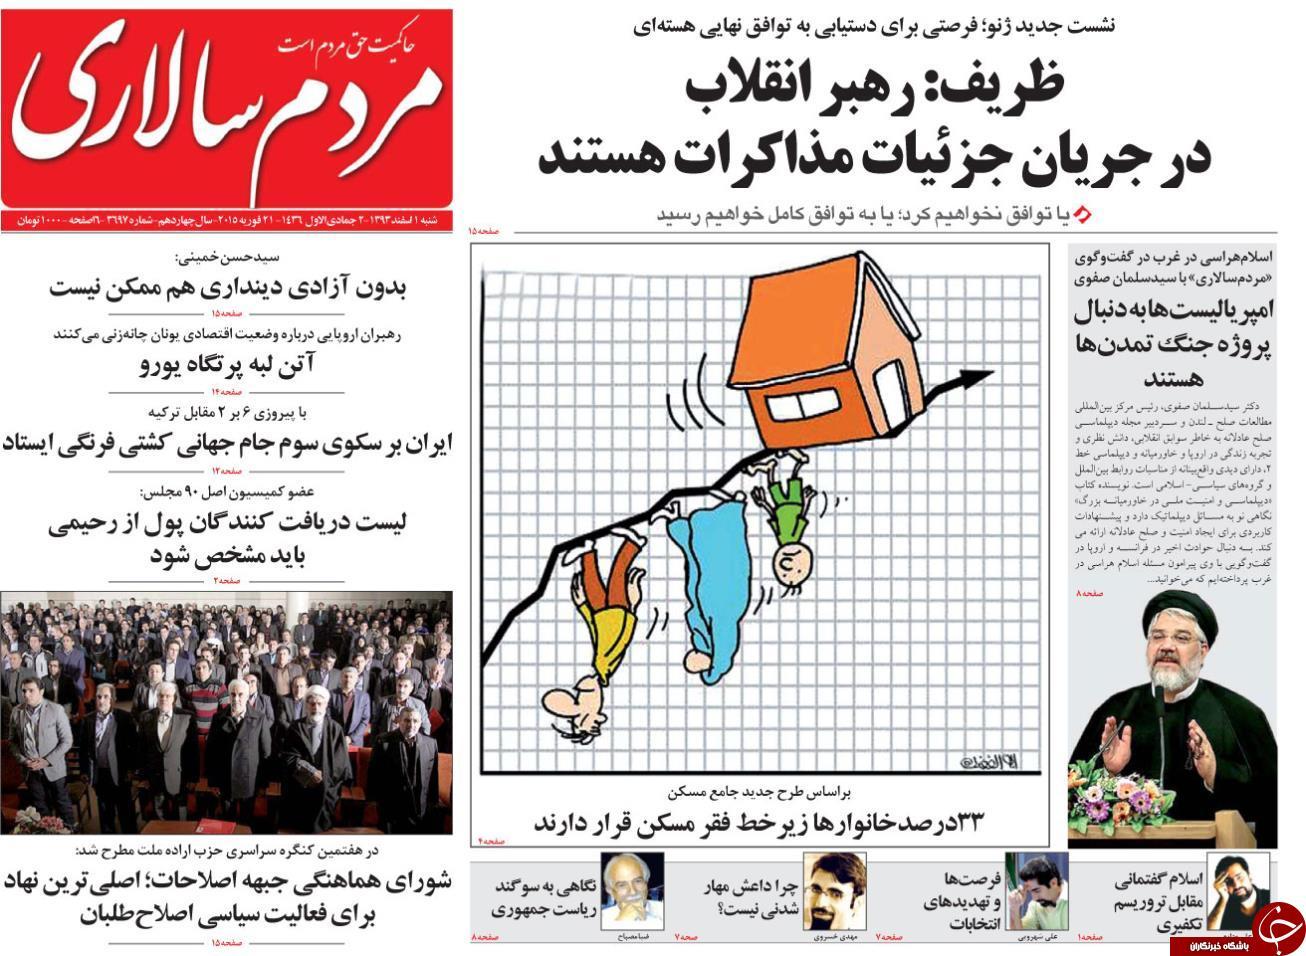 www.dustaan.com-نیم-صفحه-اول-روزنامه-های-ورزشی-سیاسی-۱۵